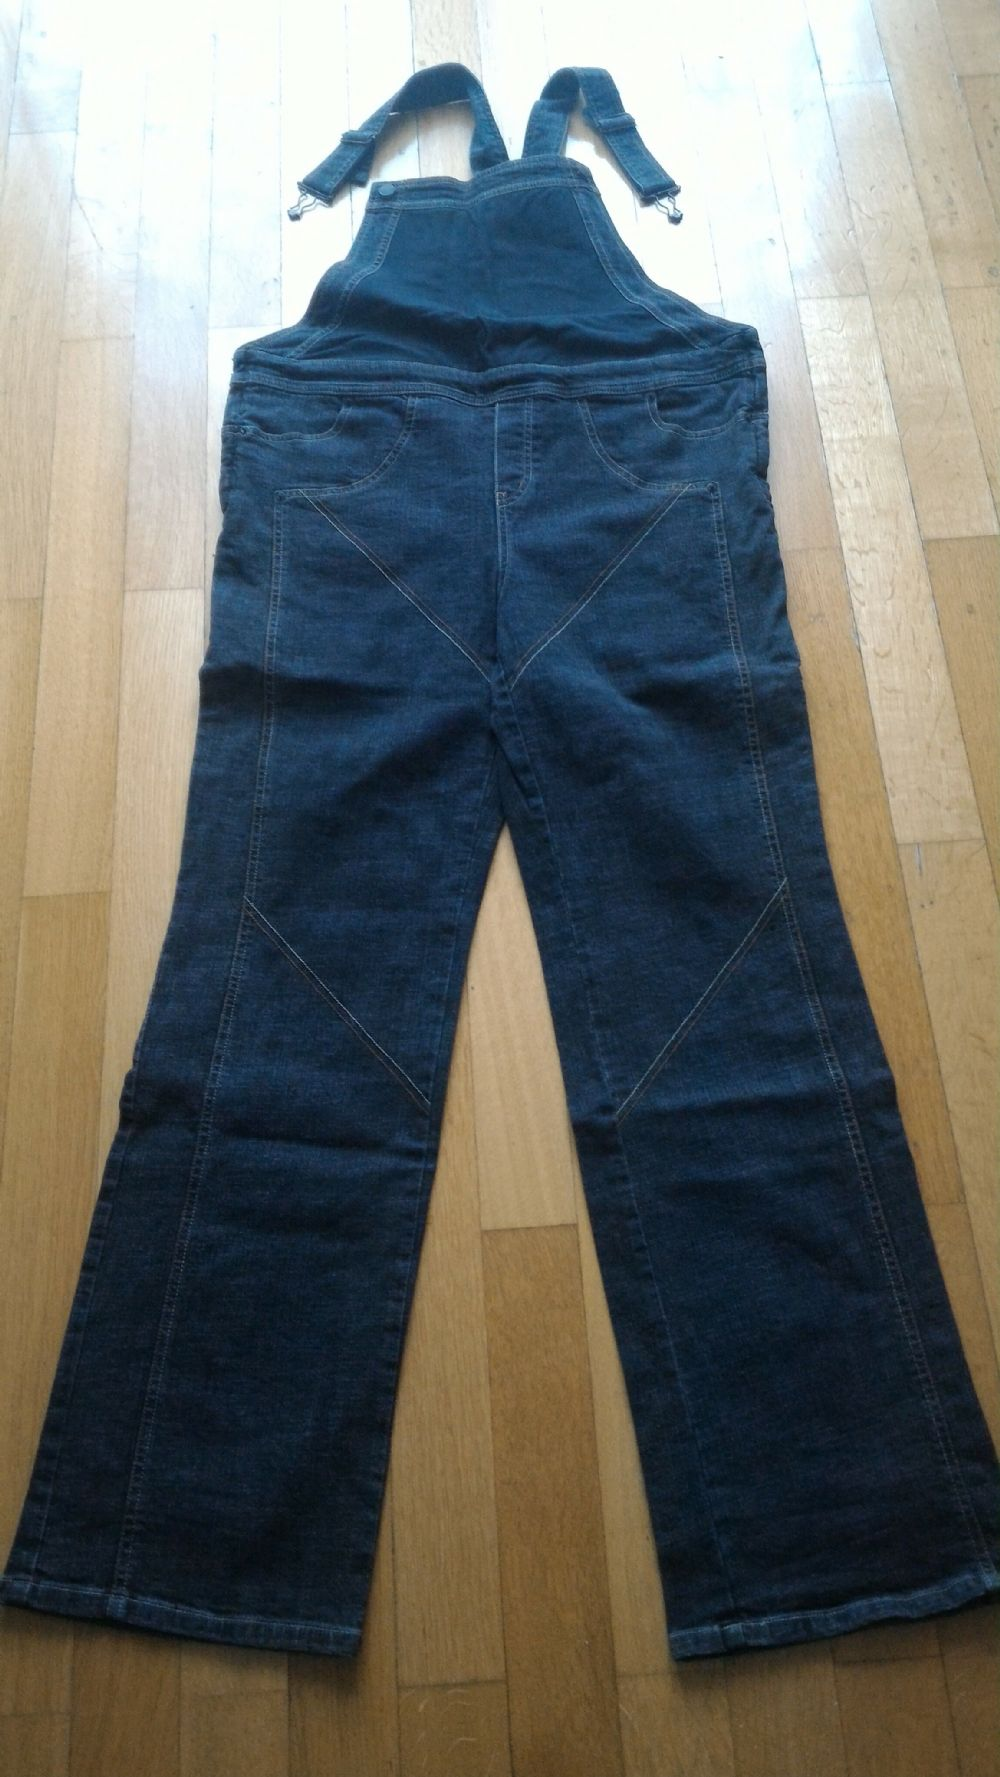 a81b4e55f9c0 Baratto Scambio  Salopette jeans premaman   Abbigliamento ...